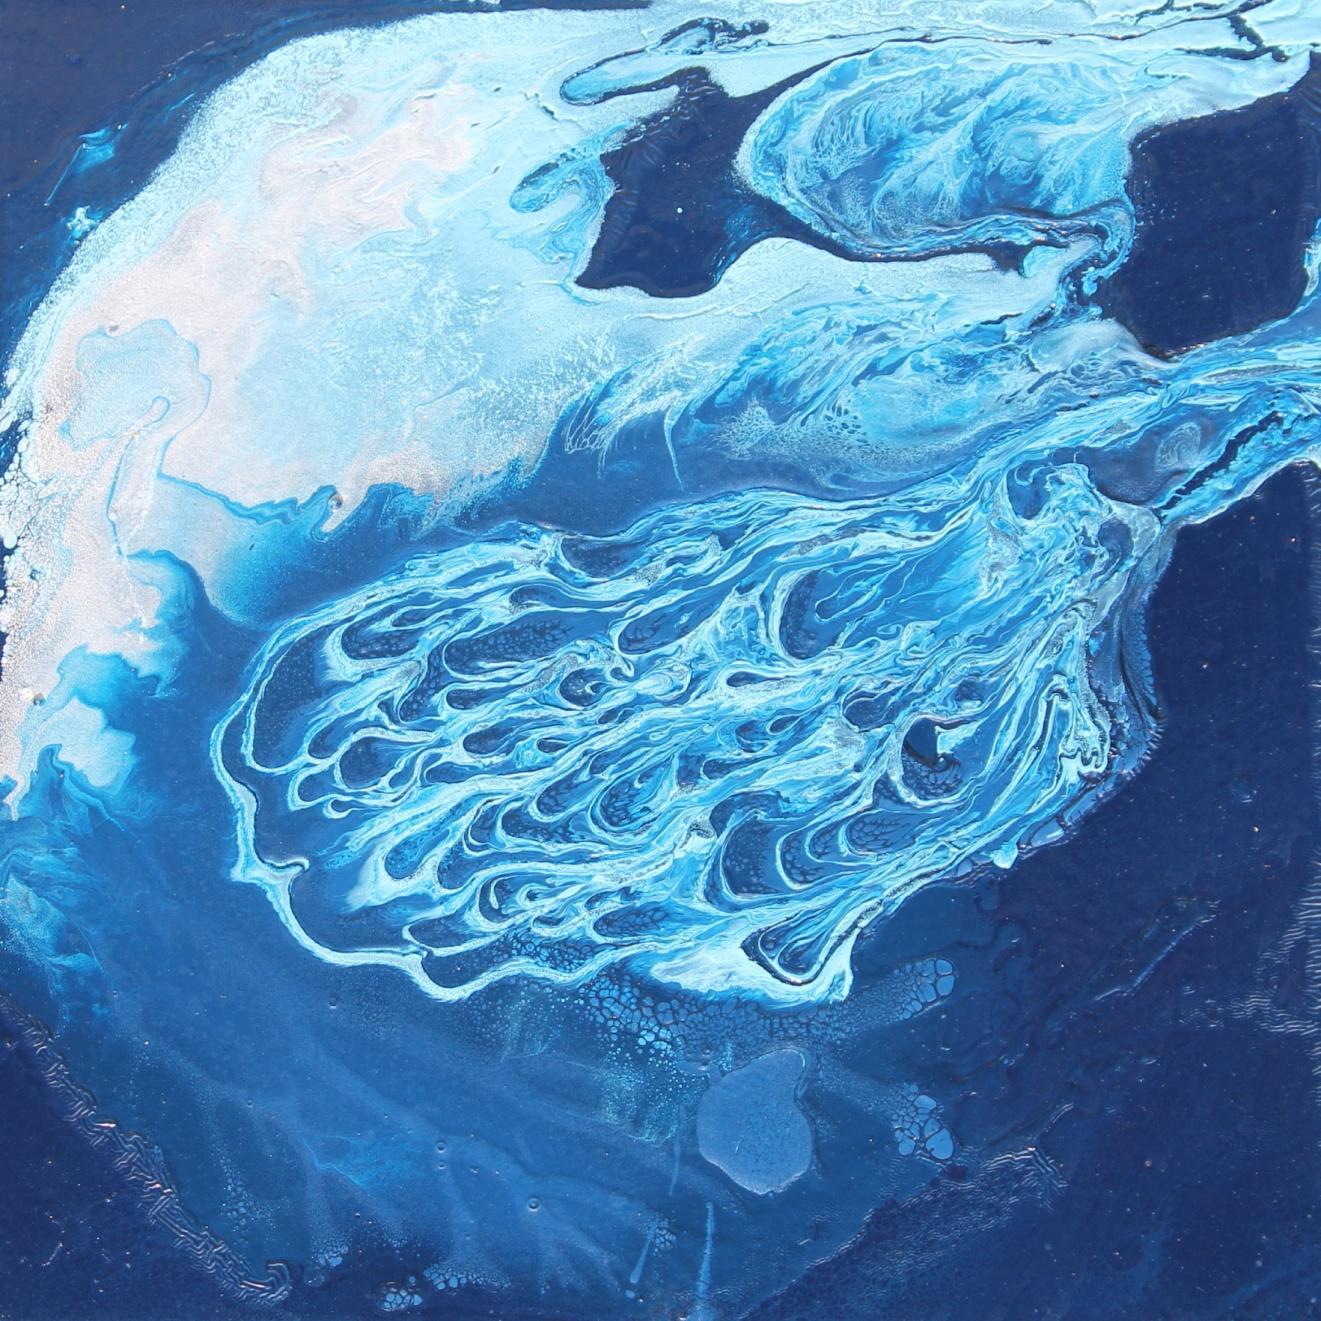 C:\Users\DstLuu\Pictures\LDO_Gallery\LUUDAT OCEAN OF COLORS LARGE 106 IMG_3841.jpg